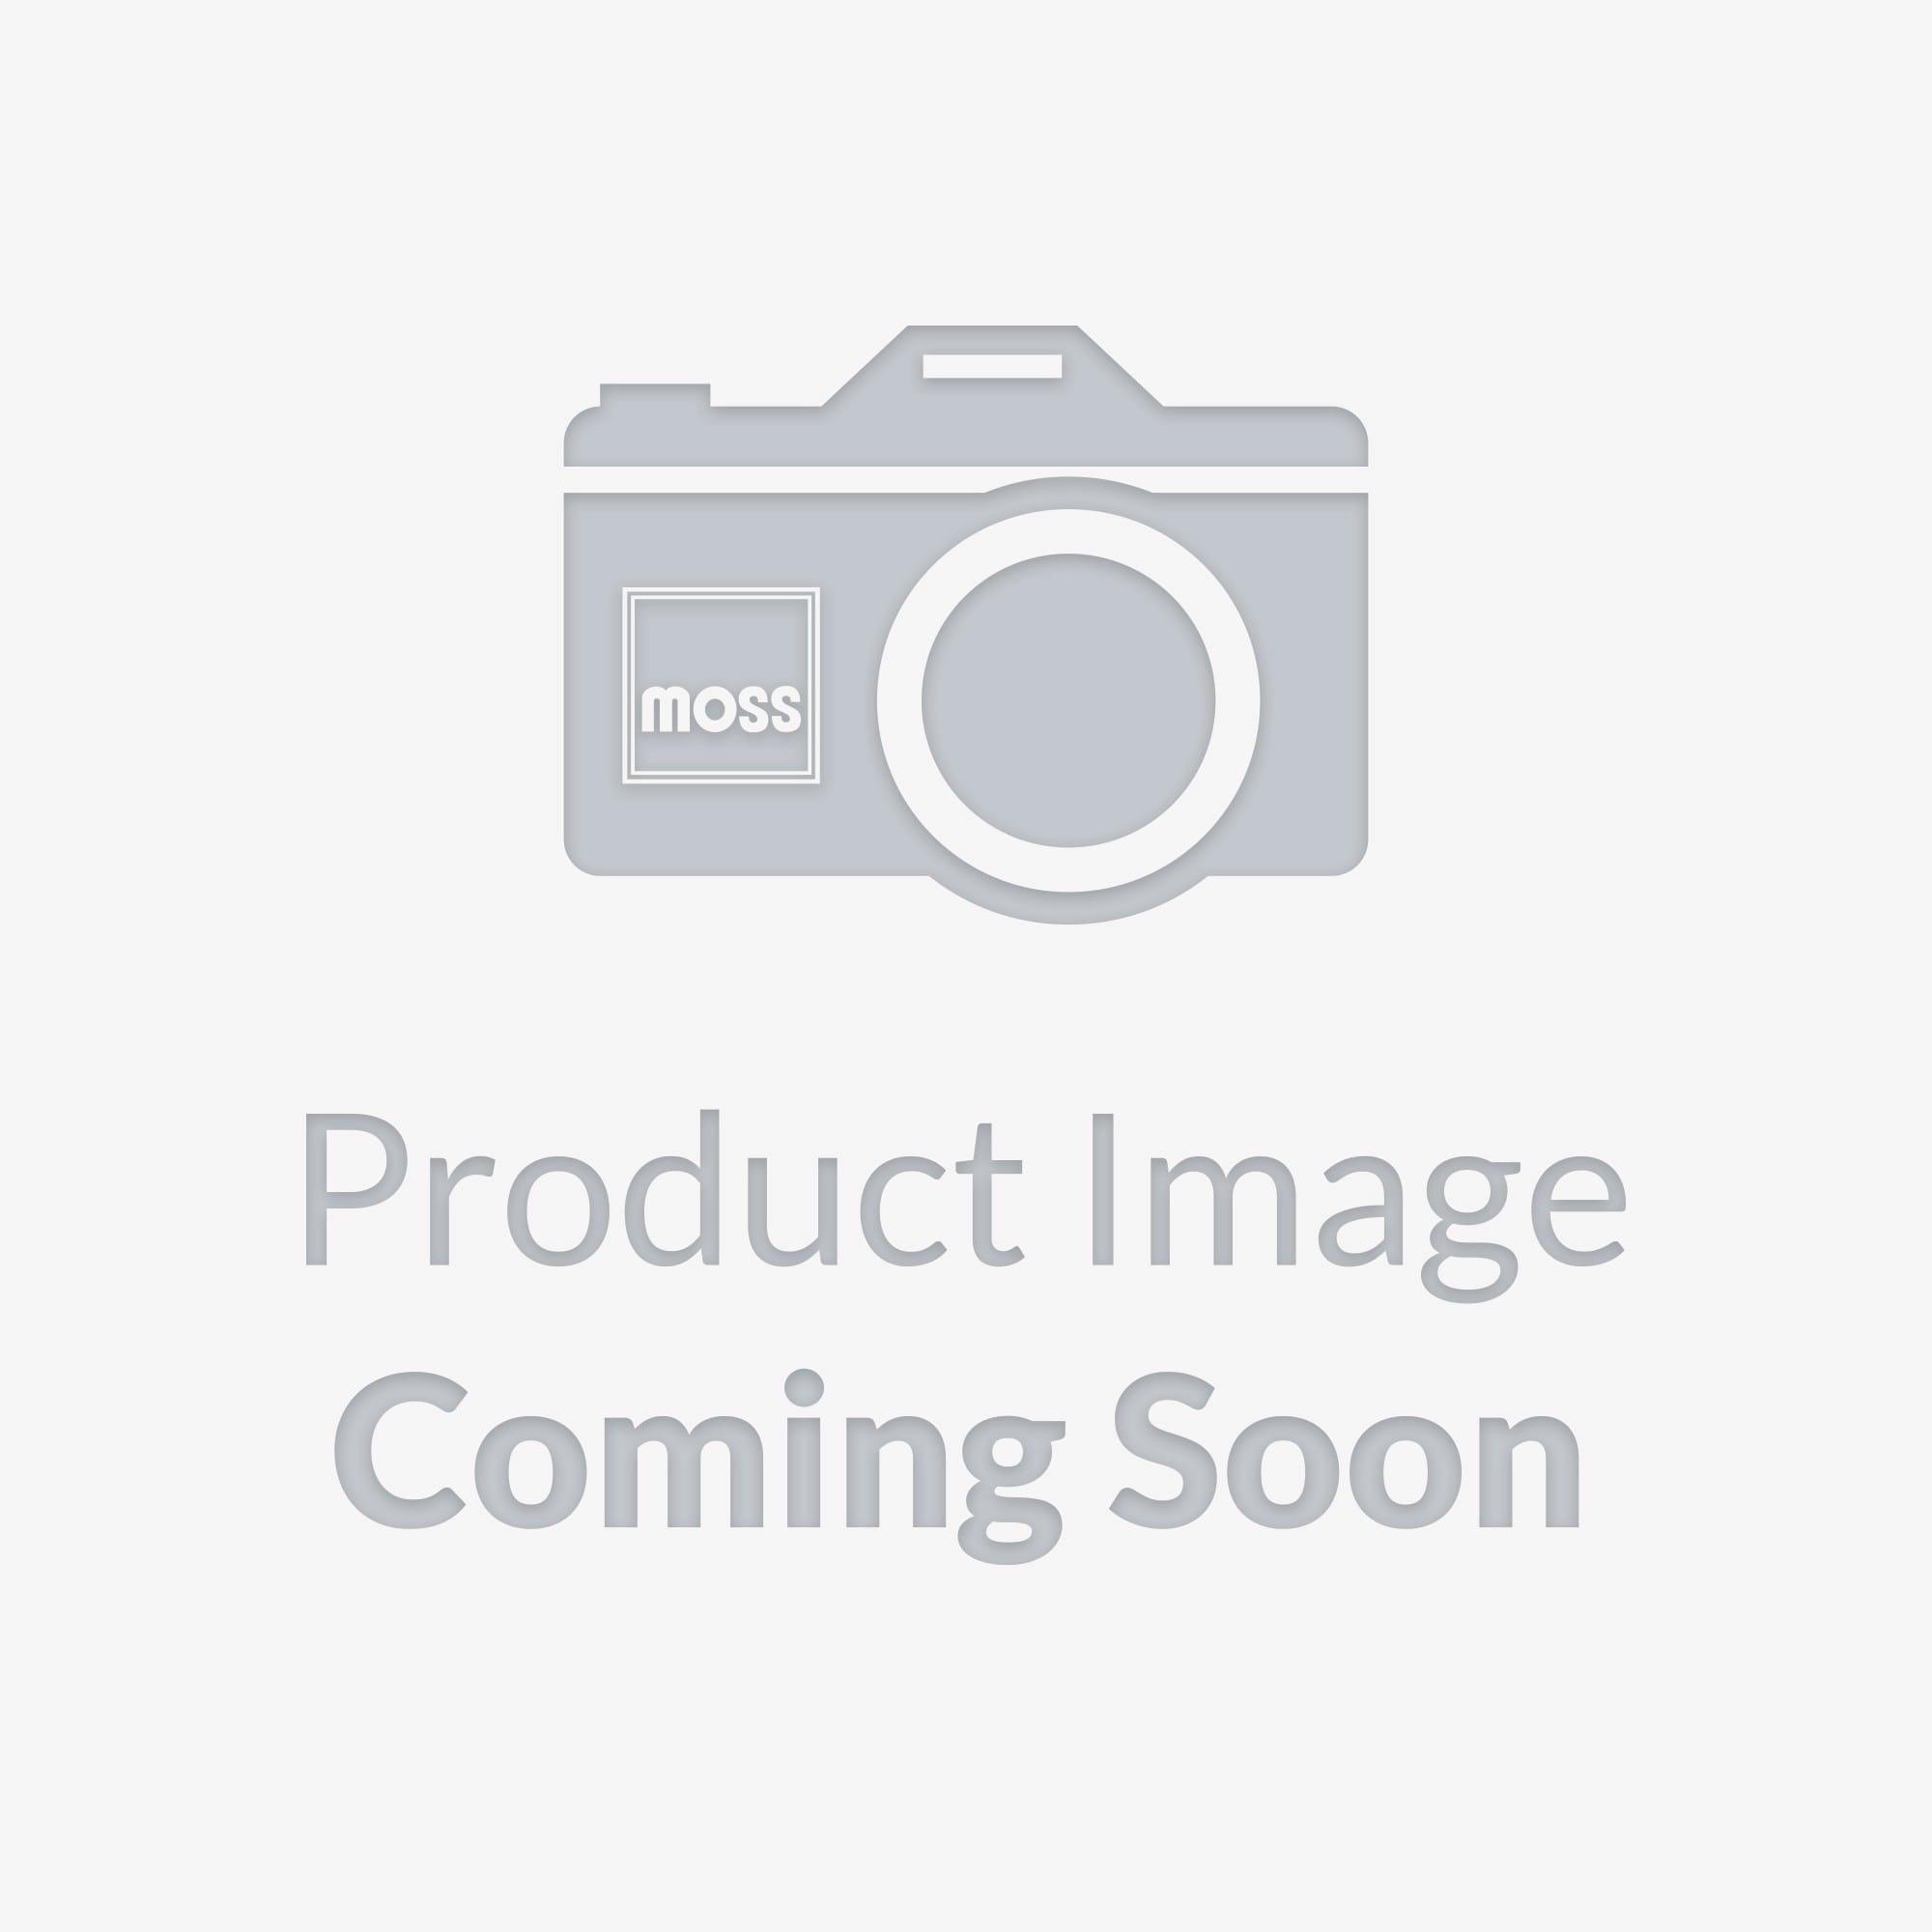 115 332 Spark Plug Ngk Resistor Type Moss Motors